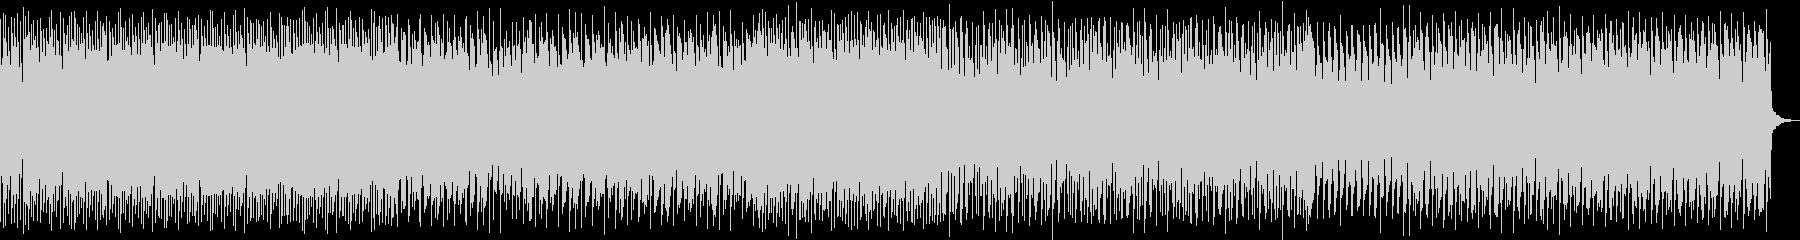 ノリのいい三味線テクノ(remix )の未再生の波形